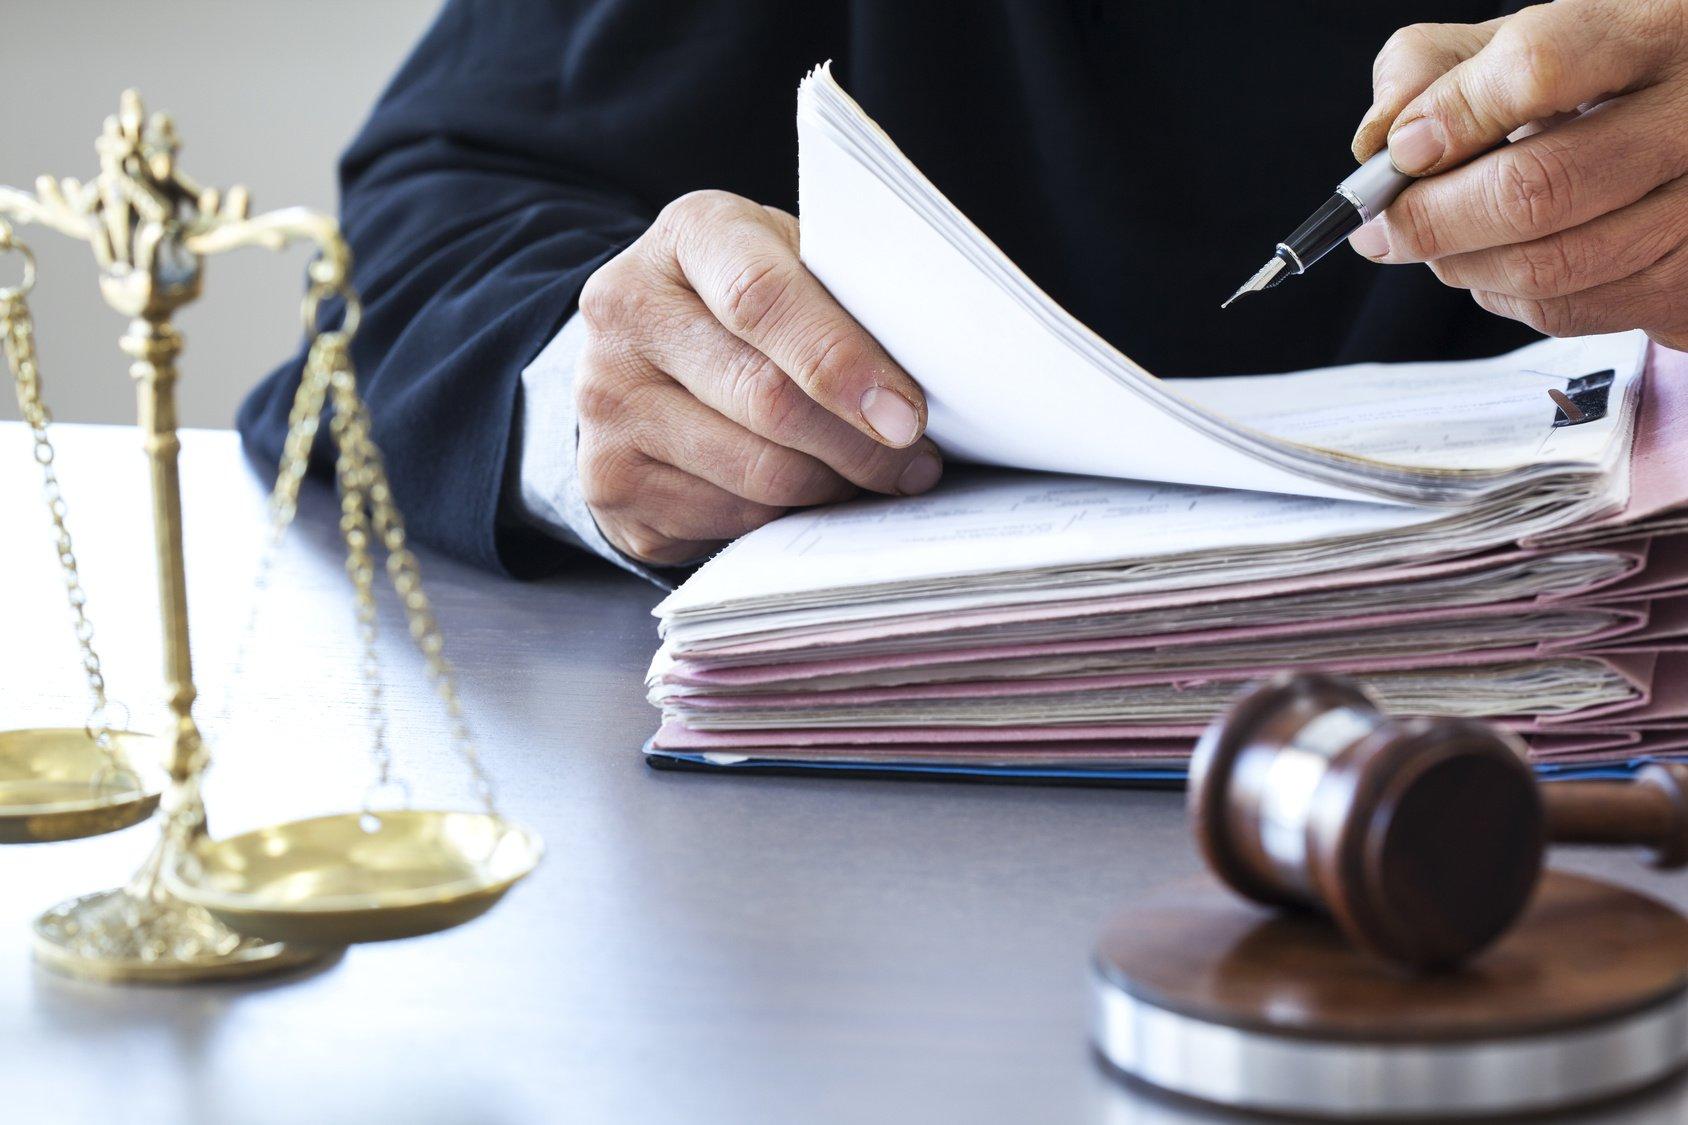 Είκοσι πέντε δικαστικά πιστοποιητικά σε ένα